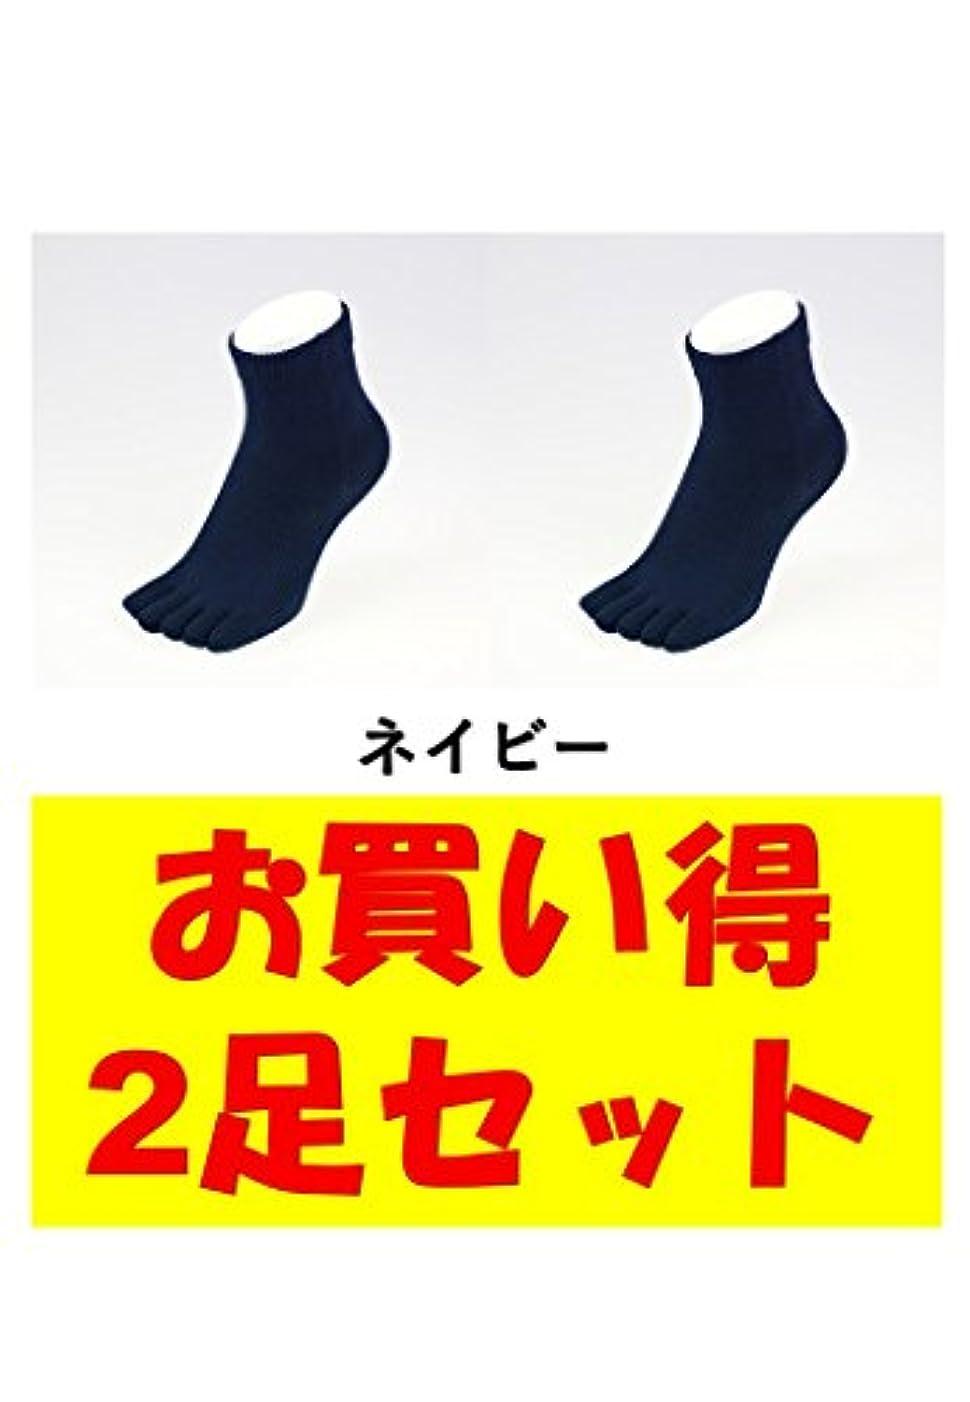 泥棒ホイットニー費やすお買い得2足セット 5本指 ゆびのばソックス Neo EVE(イヴ) ネイビー Sサイズ(21.0cm - 24.0cm) YSNEVE-NVY